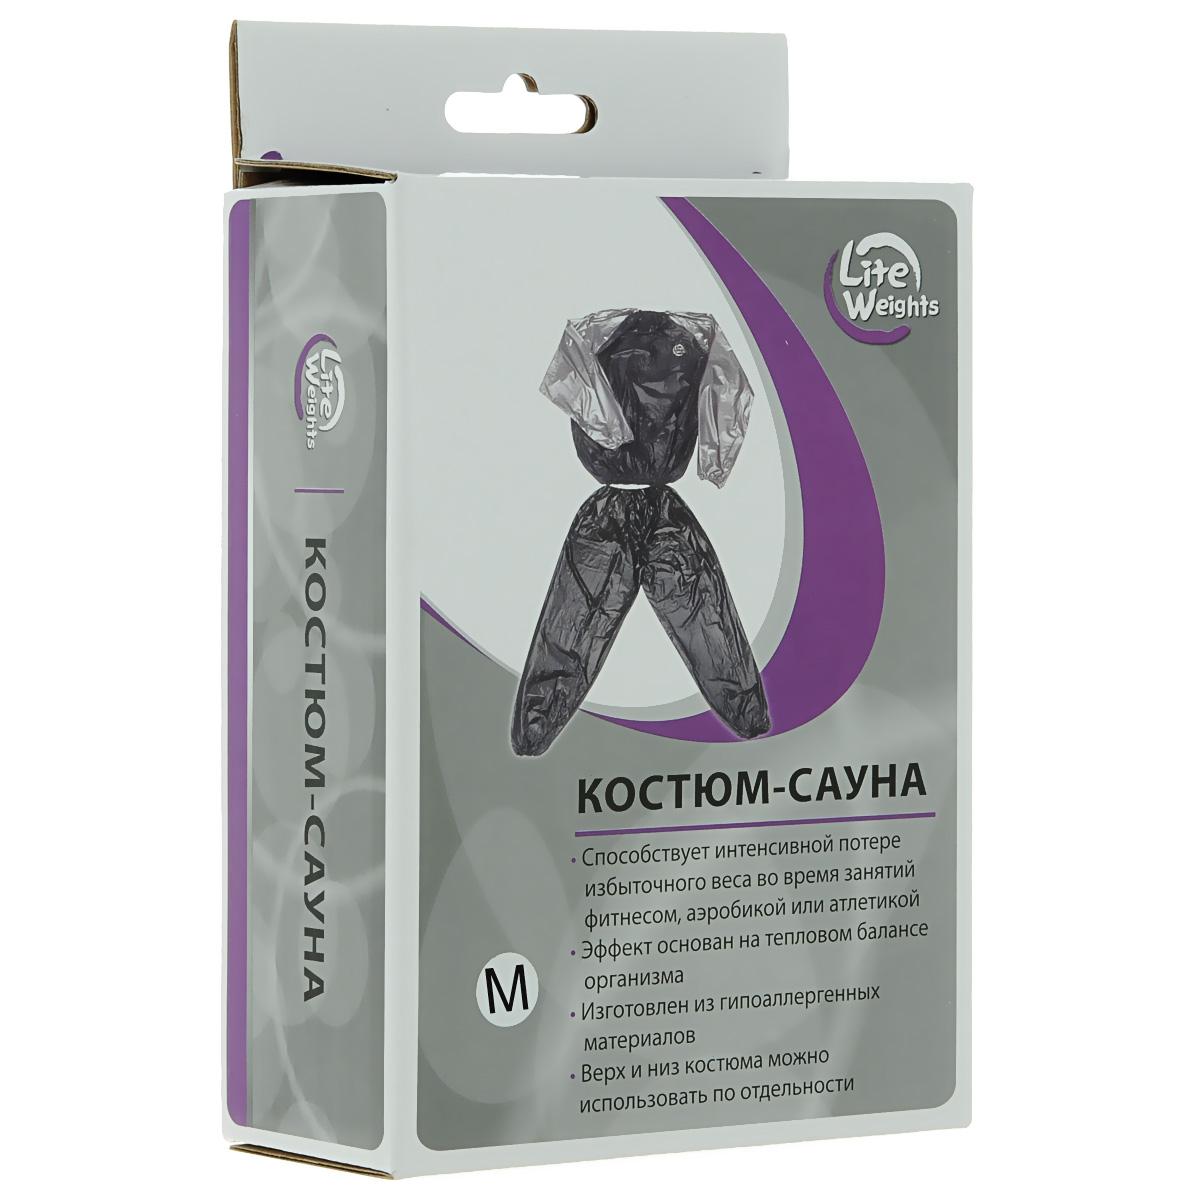 Костюм-сауна  Lite Weights , цвет: черный, серый. Размер M - Одежда для похудения